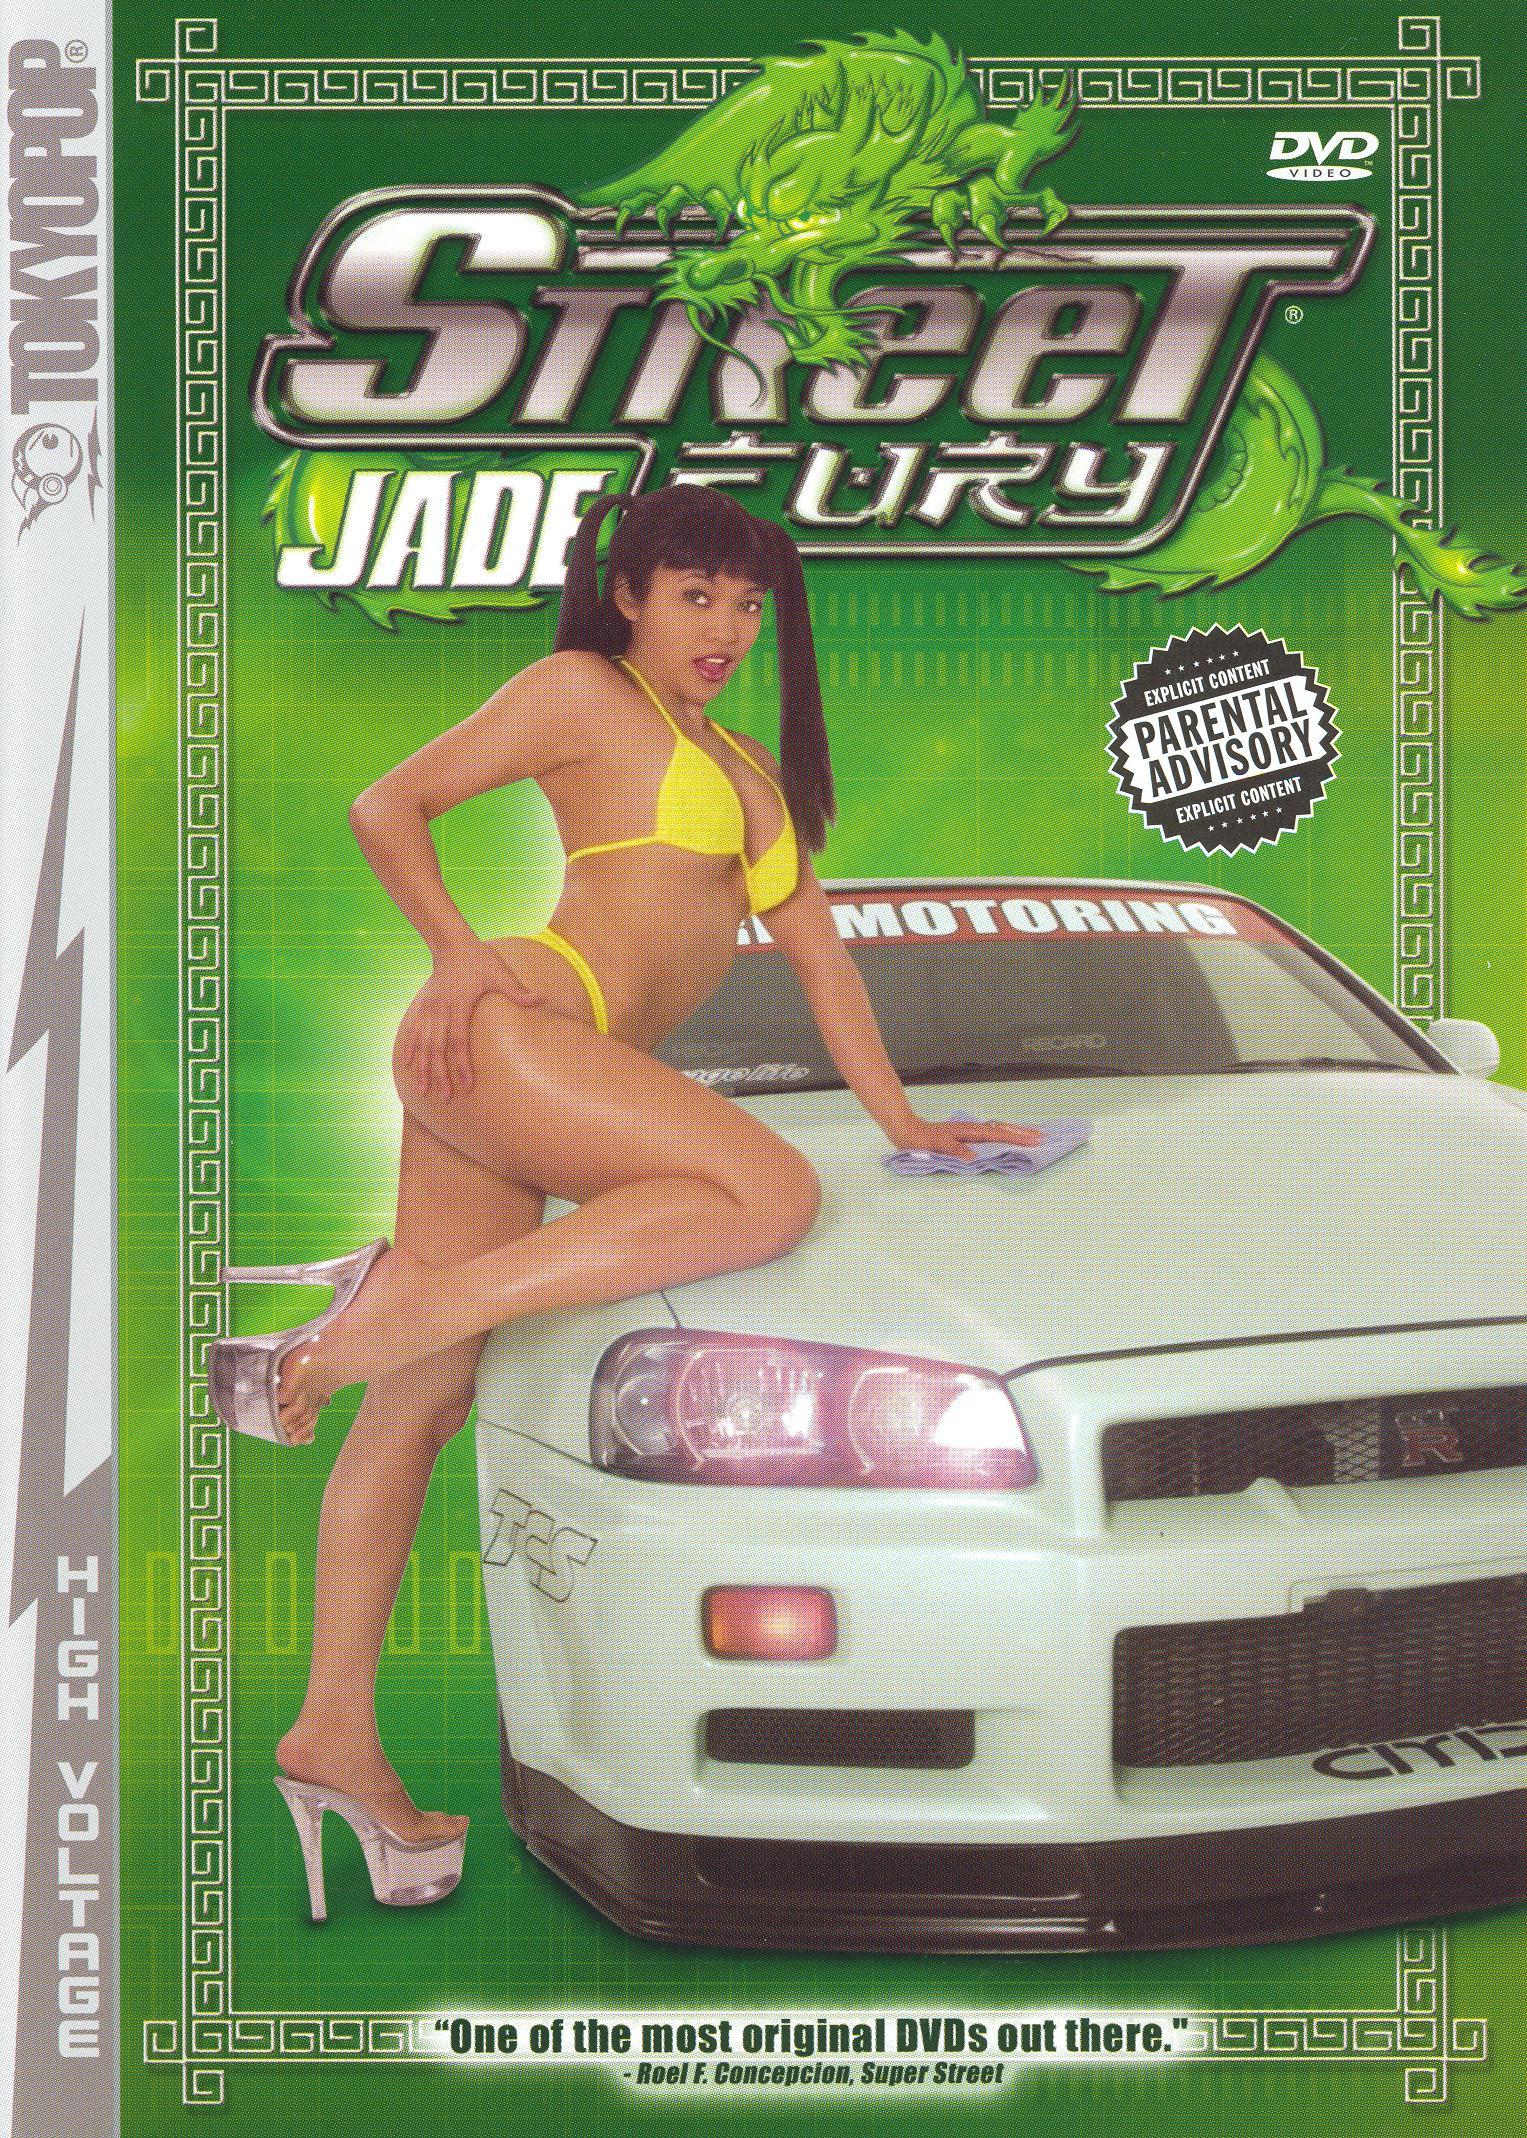 Street Fury: Jade